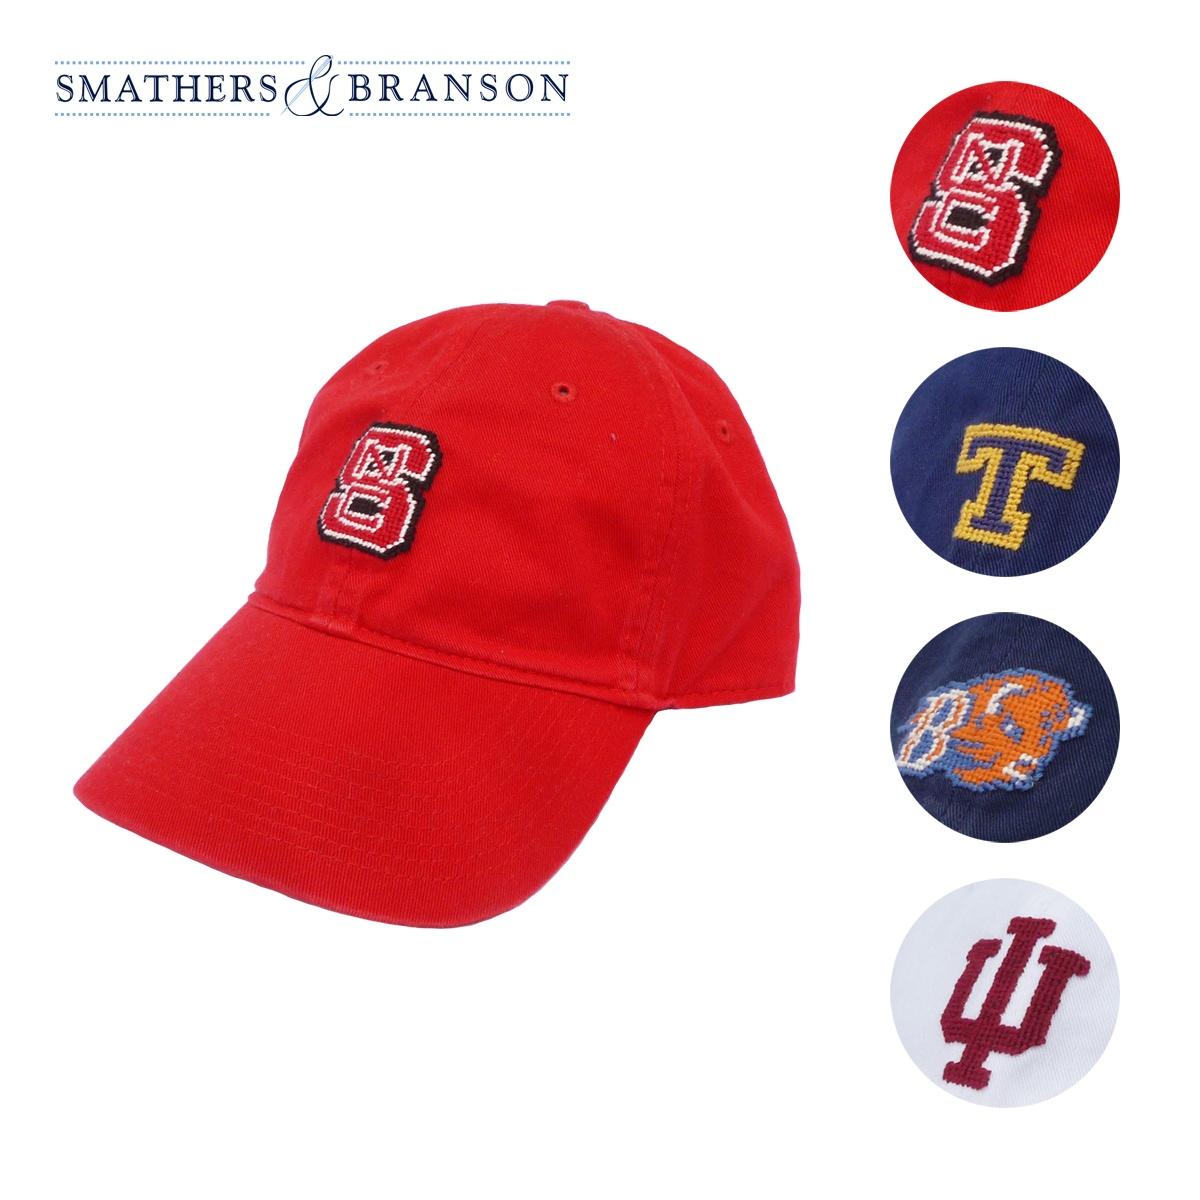 Smathers&Branson スマザーズ&ブランソン IVY'S COLLEGE CAP メンズ/レディース NCS/TRINITY/BUCKNELL/INDIANA FREE[スマザーズブランソン 帽子 パネルキャップ キャップ カレッジ カレッジキャップ 大学 ロゴ アメカジ アイビー ブランド 赤 紺 白]